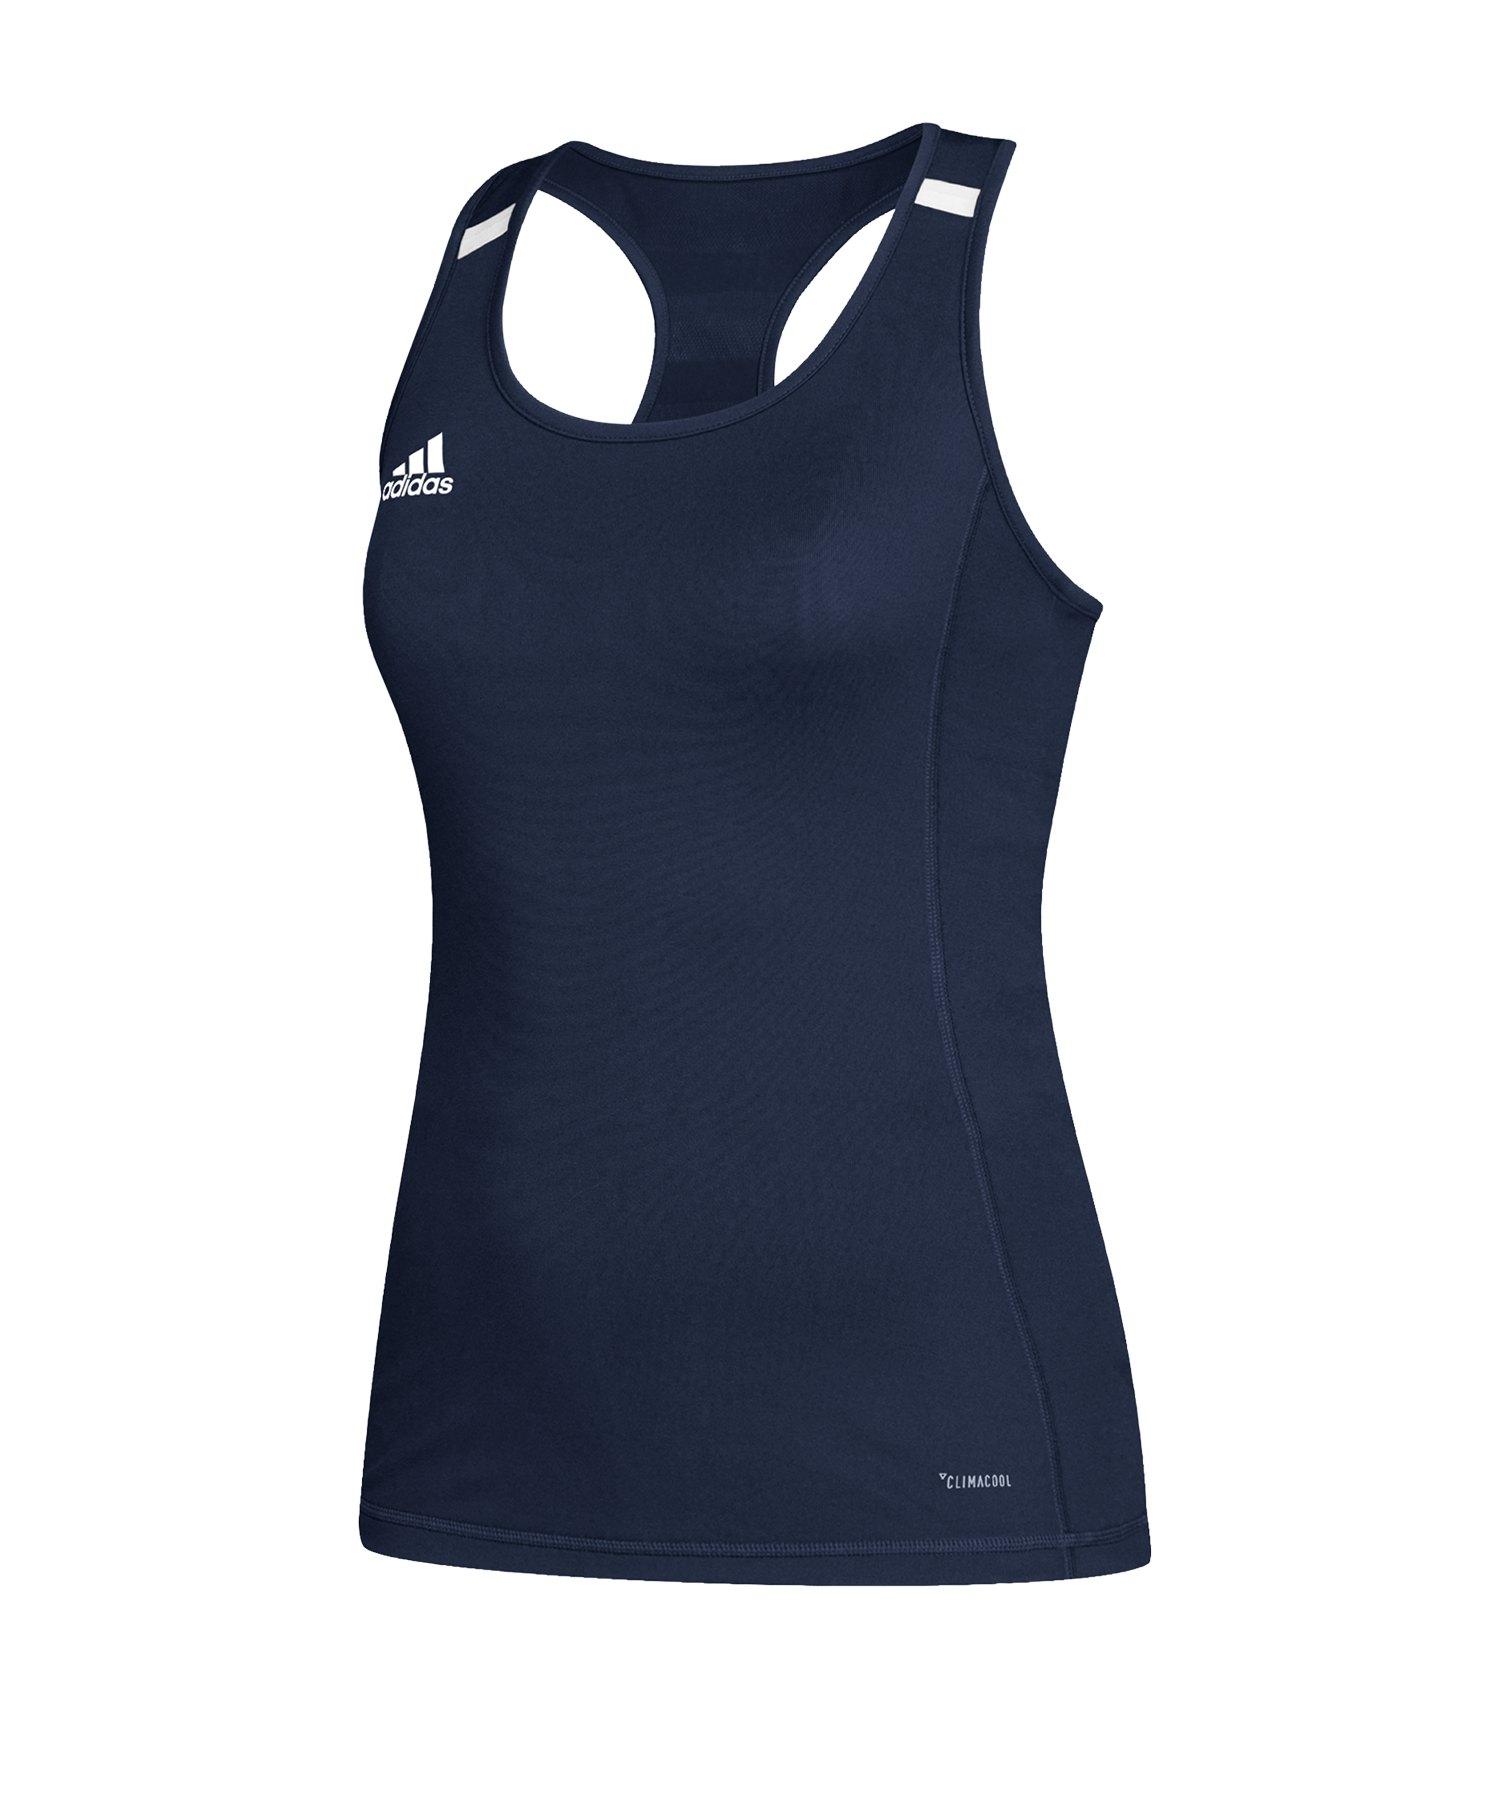 1e847daccc32c3 adidas Team 19 Tank Top Damen Blau Weiss |Teamsportbedarf | Muscle ...